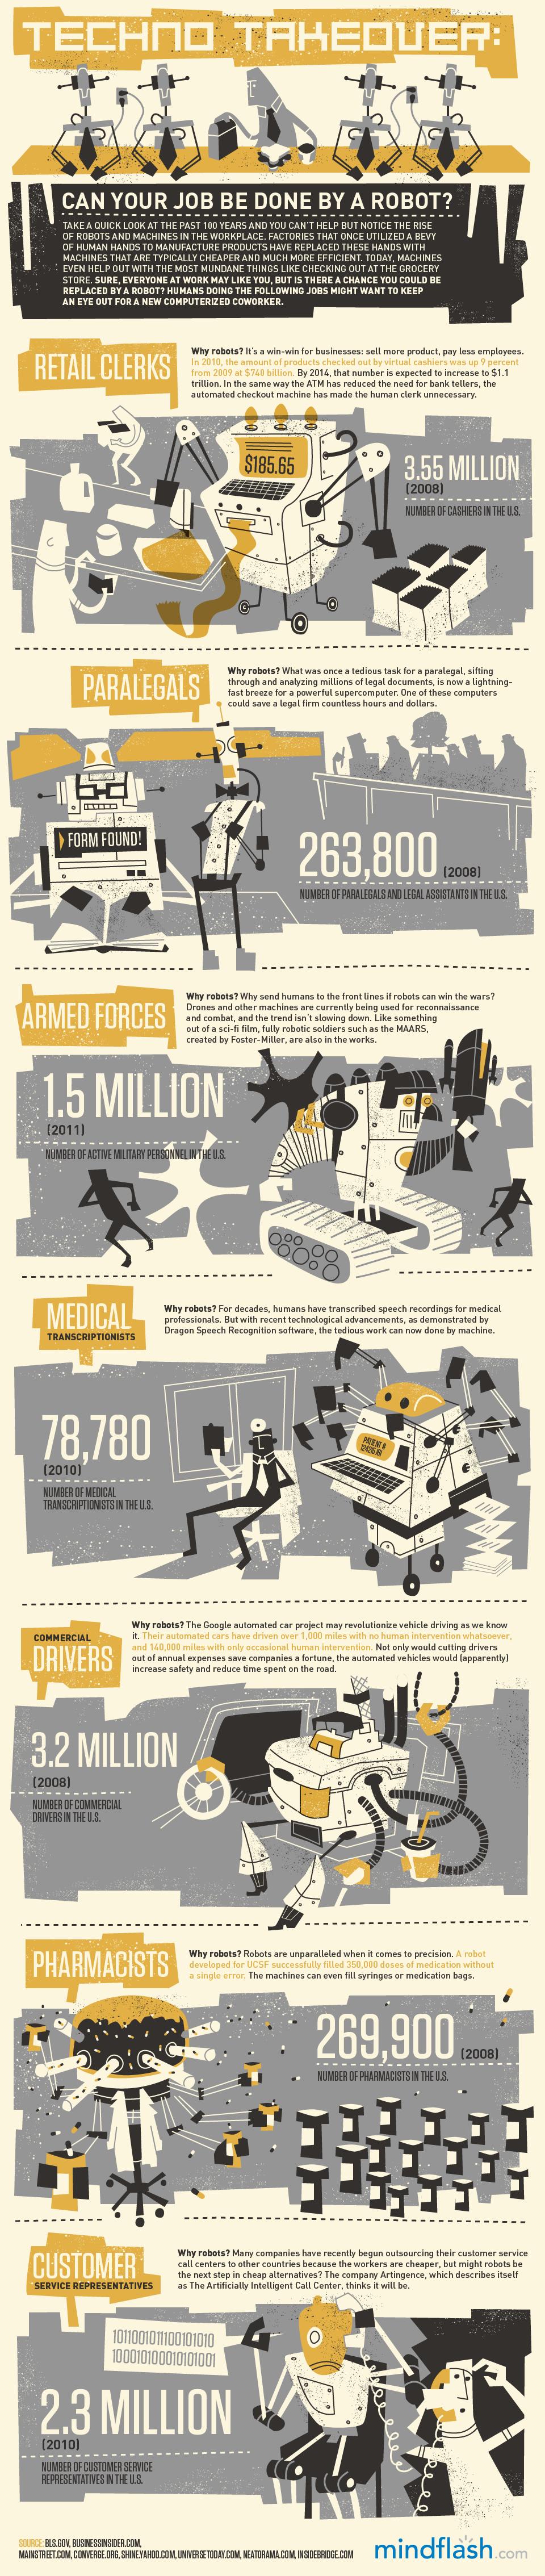 Seu trabalho pode ser feito por um robot?